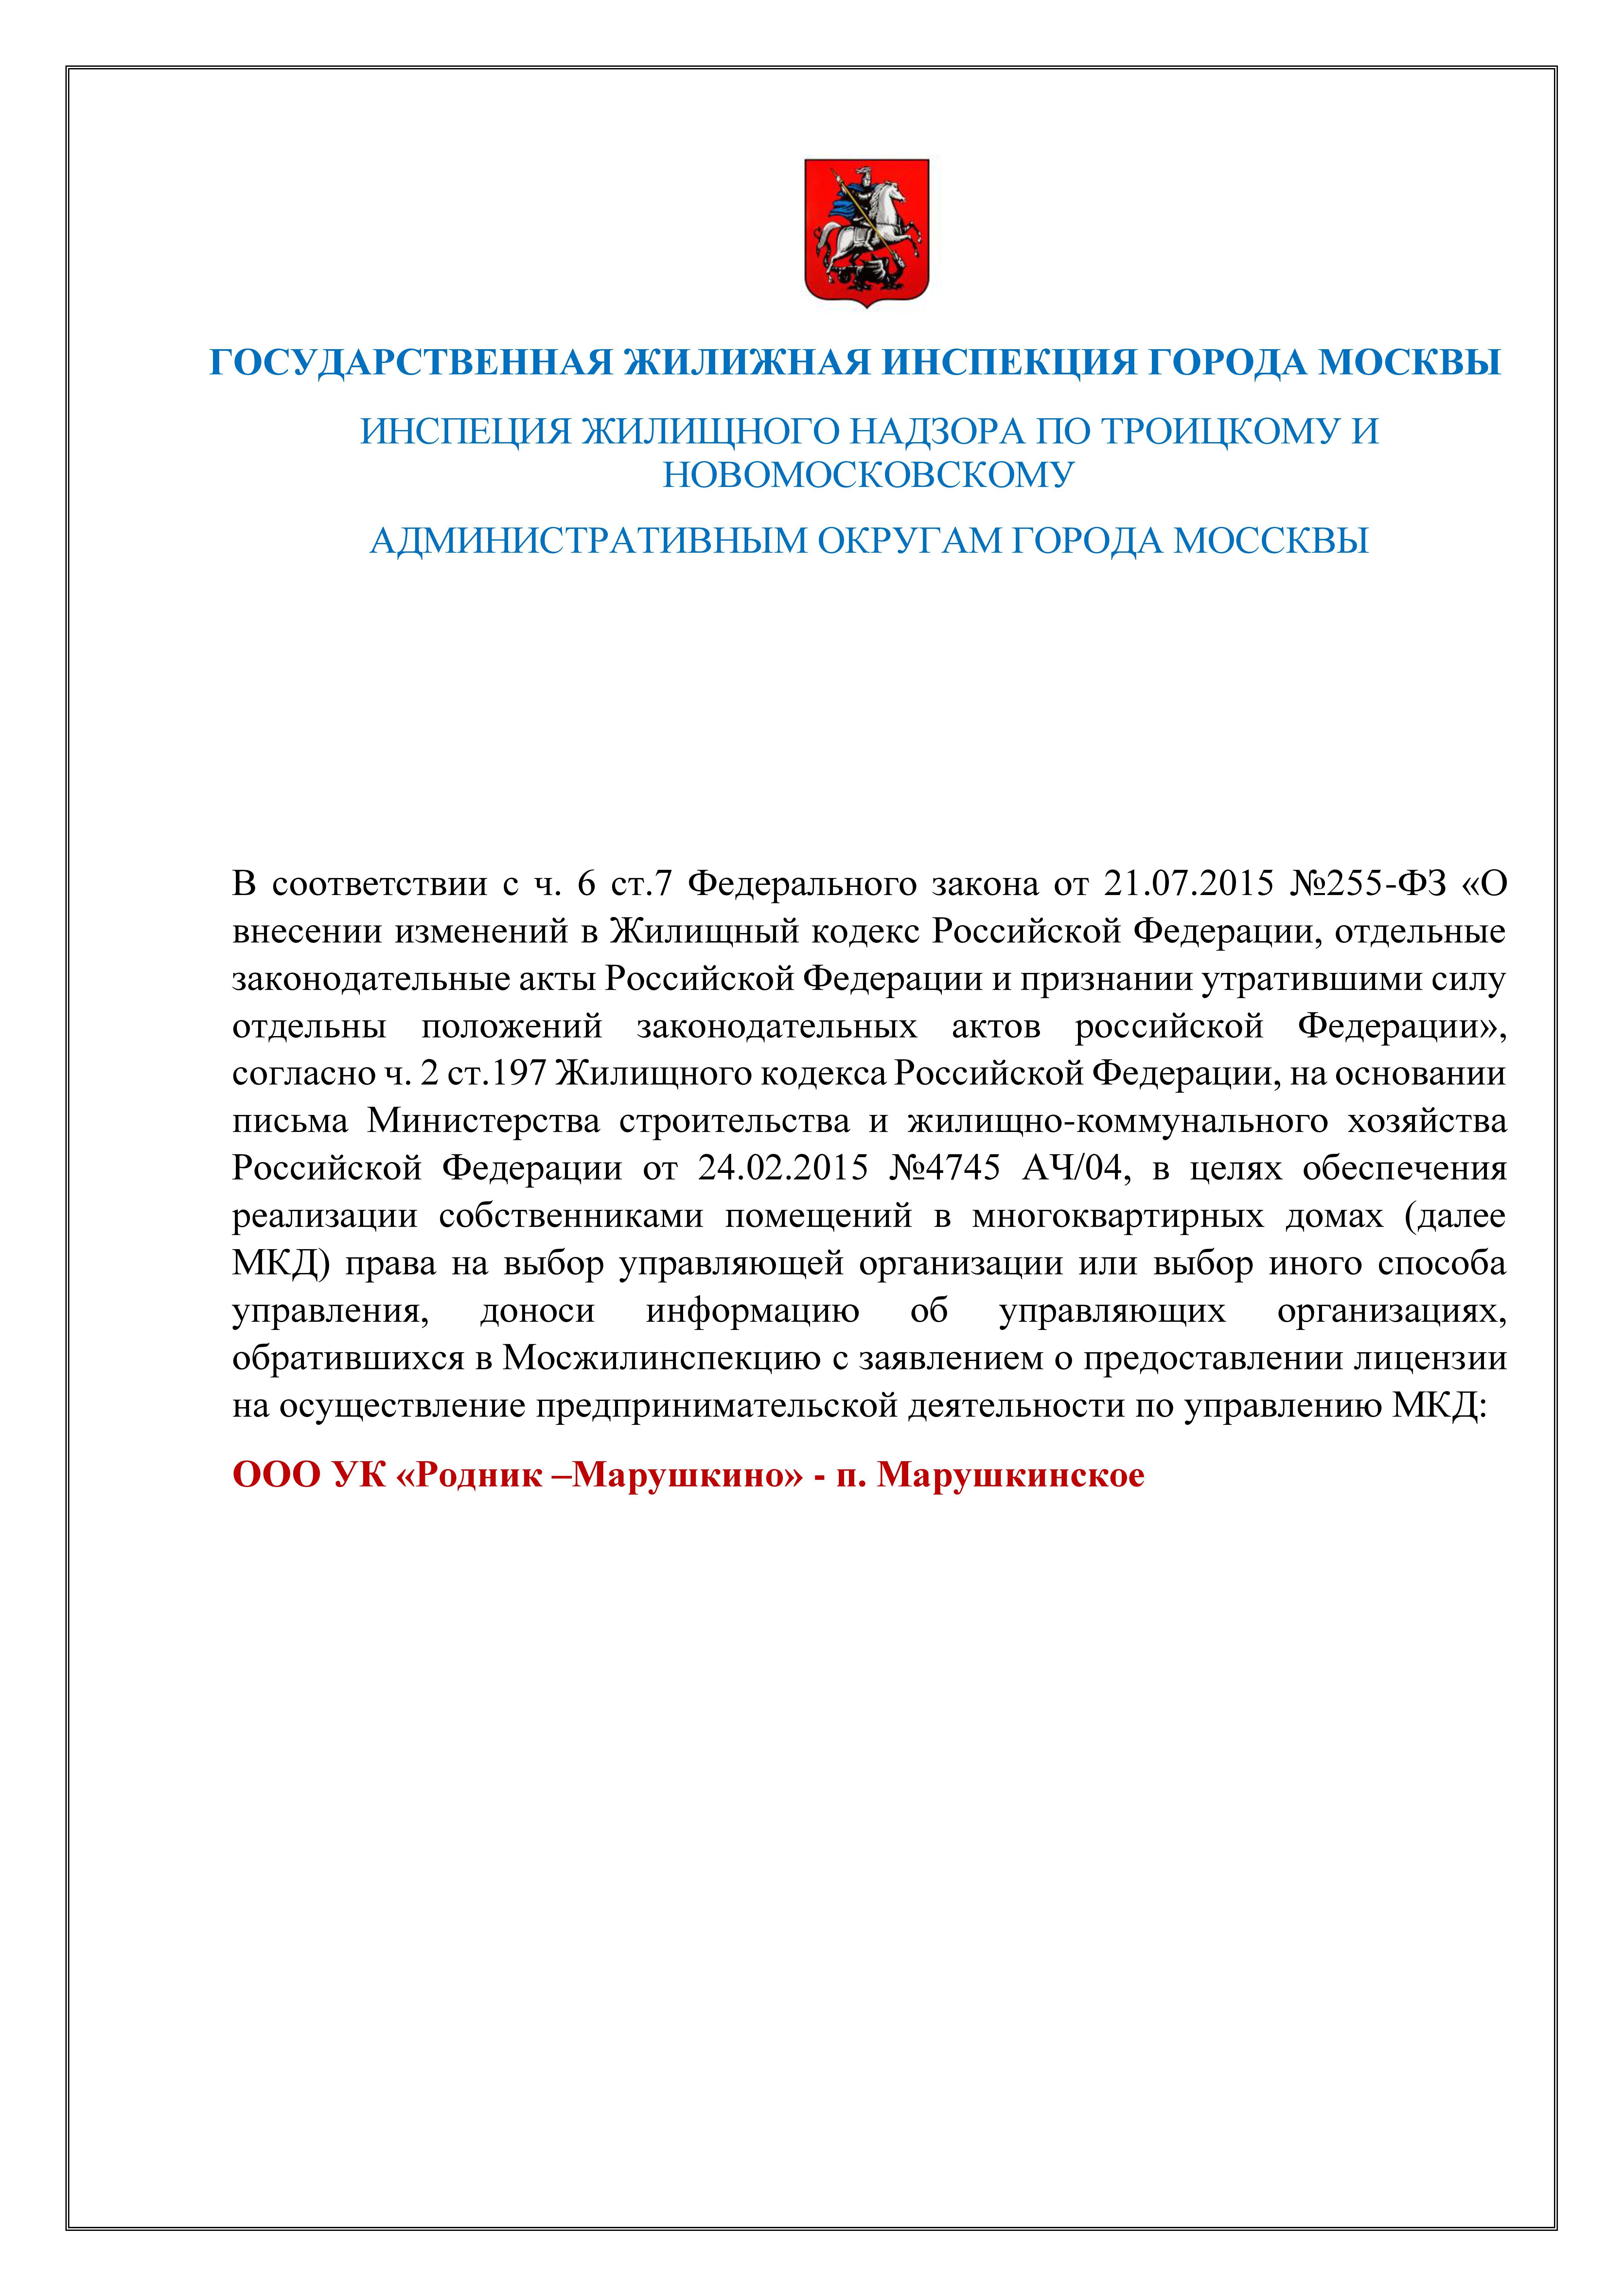 Государственная жилищная инспекция города Москвы сообщает